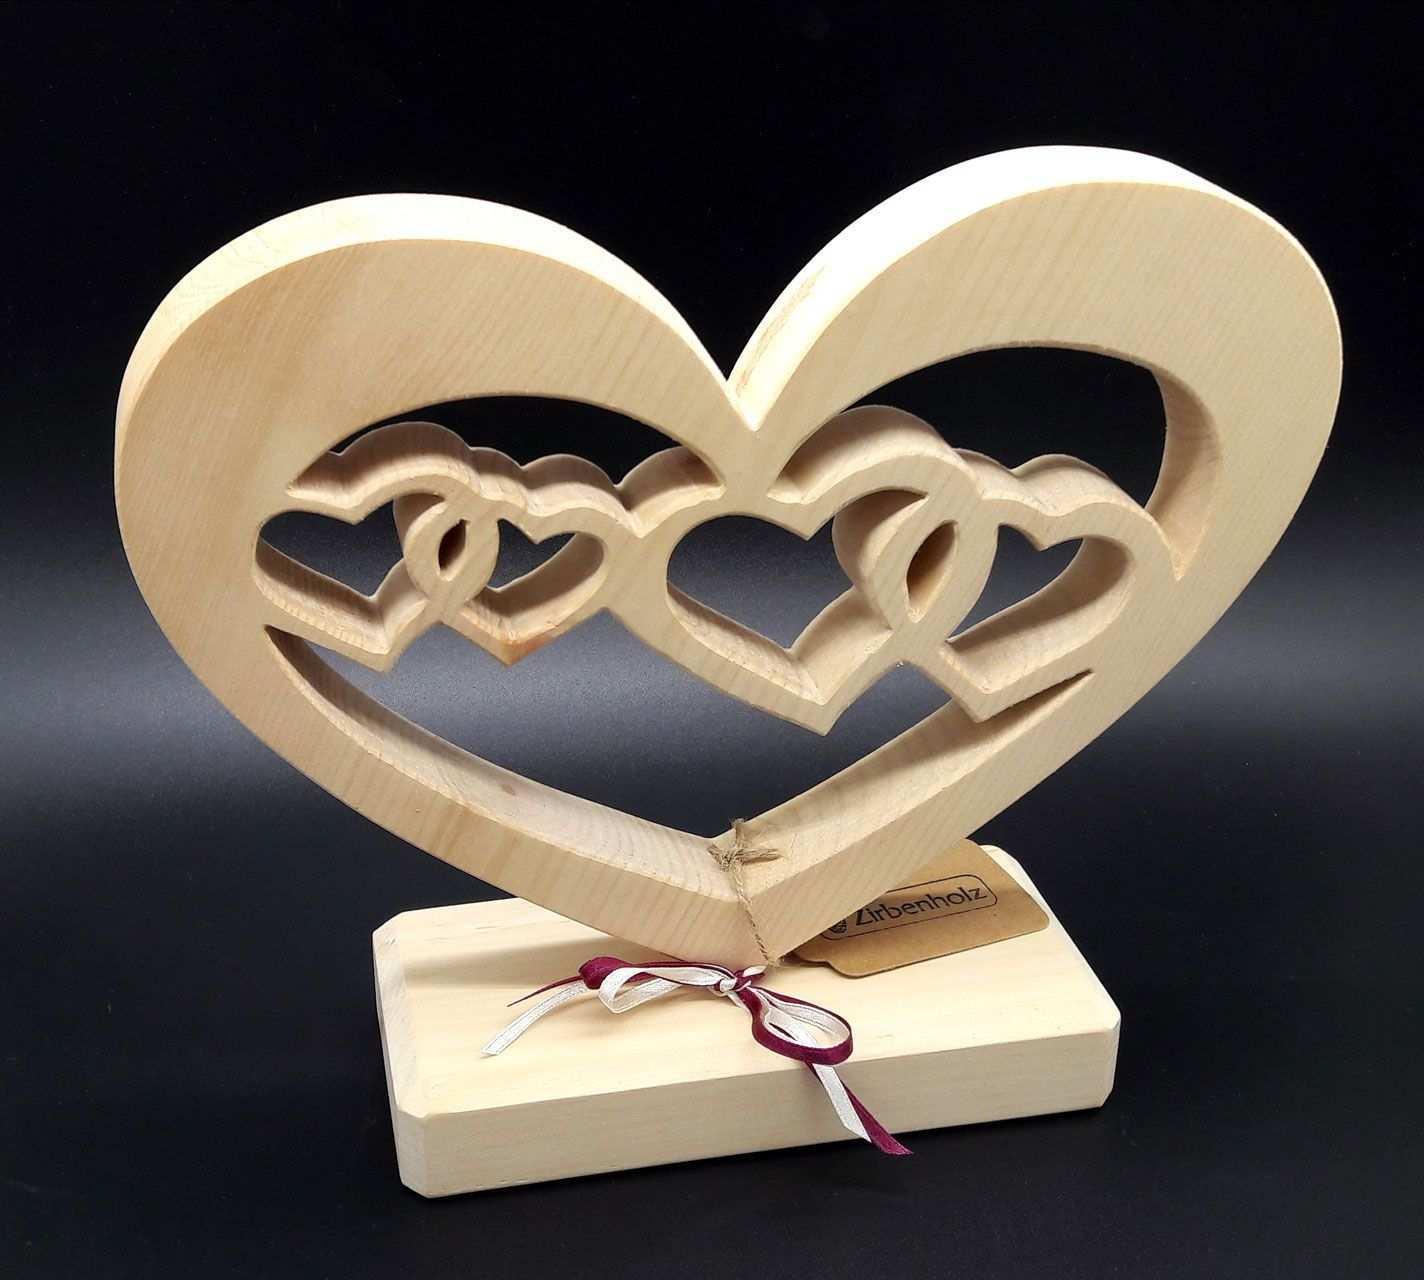 Herz Mit Herzen Aus Zirbenholz Zum Muttertag Hochzeit Verlobung Oder Fur Verliebte Intensiver Zirben Originelle Hochzeitsgeschenke Geschenke Holzgeschenke